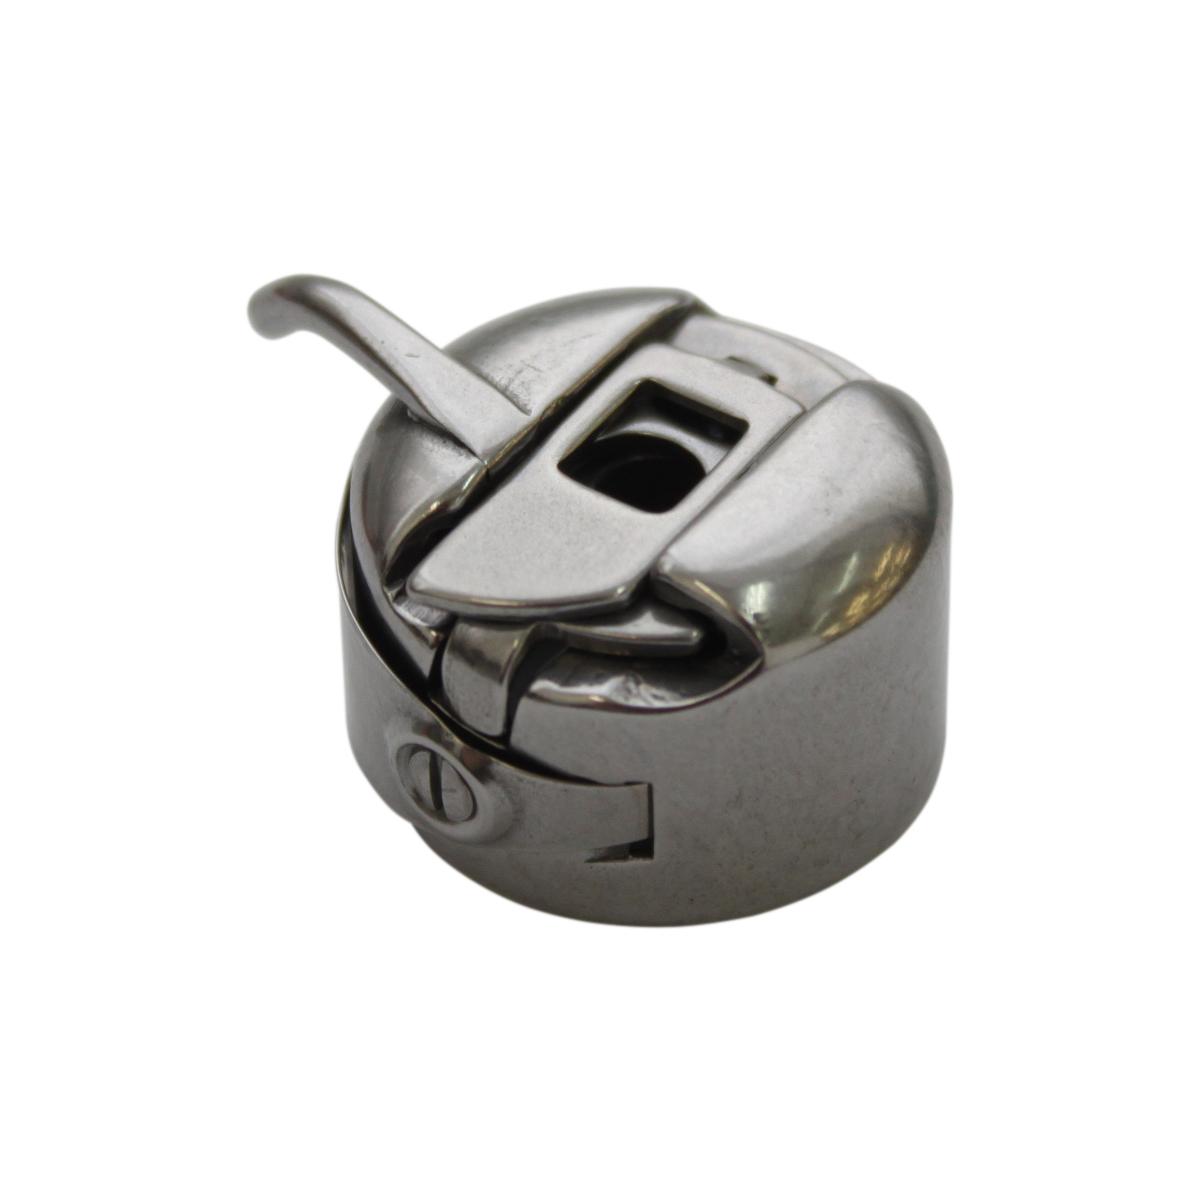 Шпульный колпачок Bestex SINGER, правоходный к БШМ163063Шпульный колпачок Bestex SINGER изготовлен для классического челнока, правоходный. Шпульный колпачок для бытовых швейных машин.